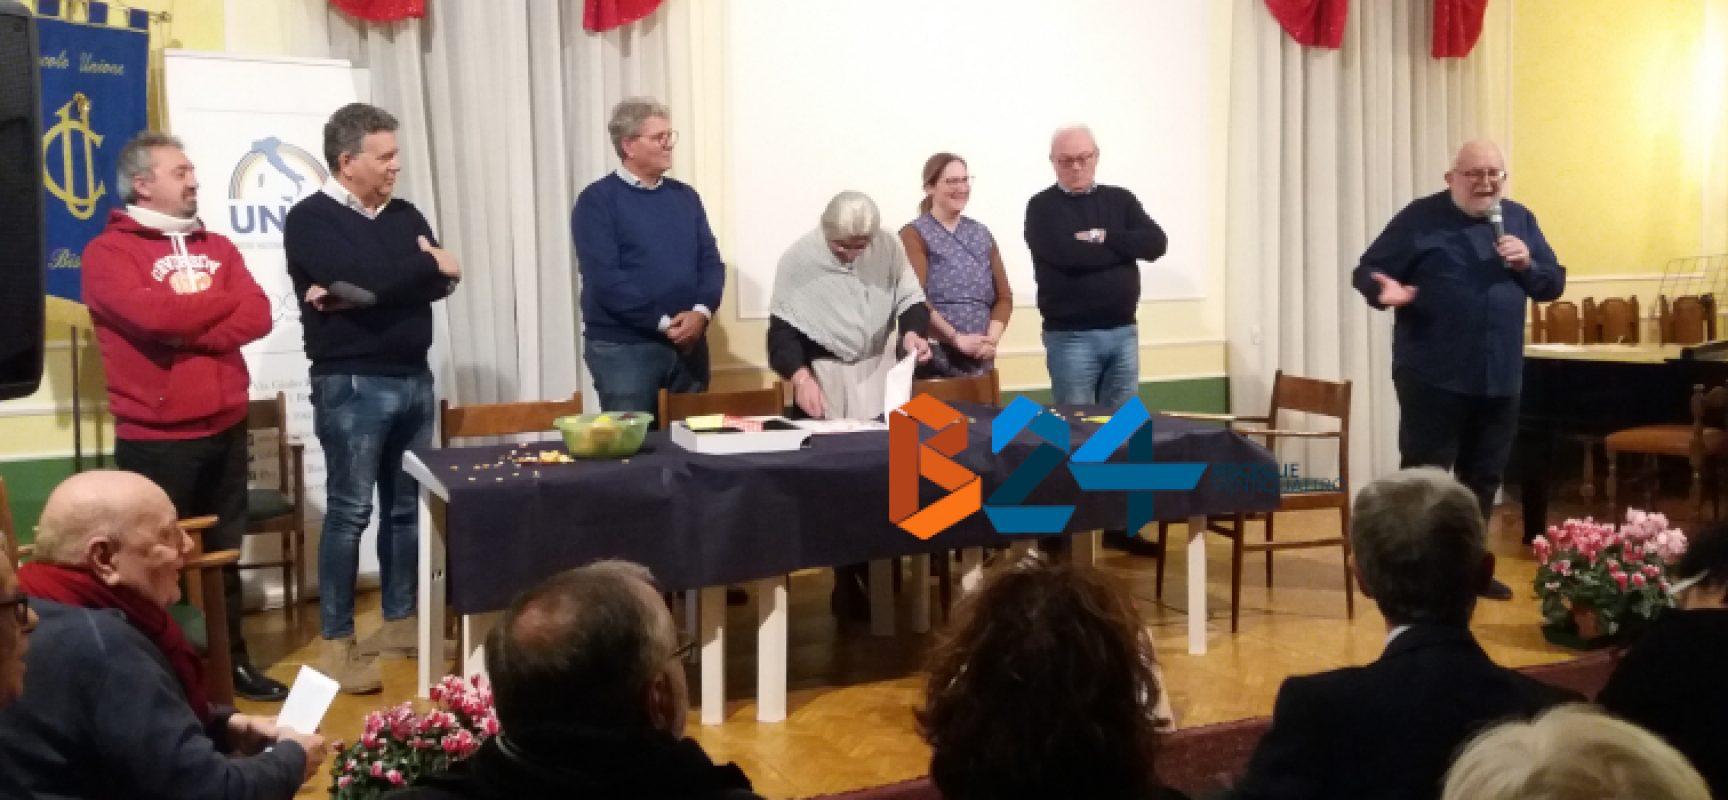 Bisceglie ha celebrato la Giornata Nazionale del Dialetto, il resoconto degli eventi / FOTO